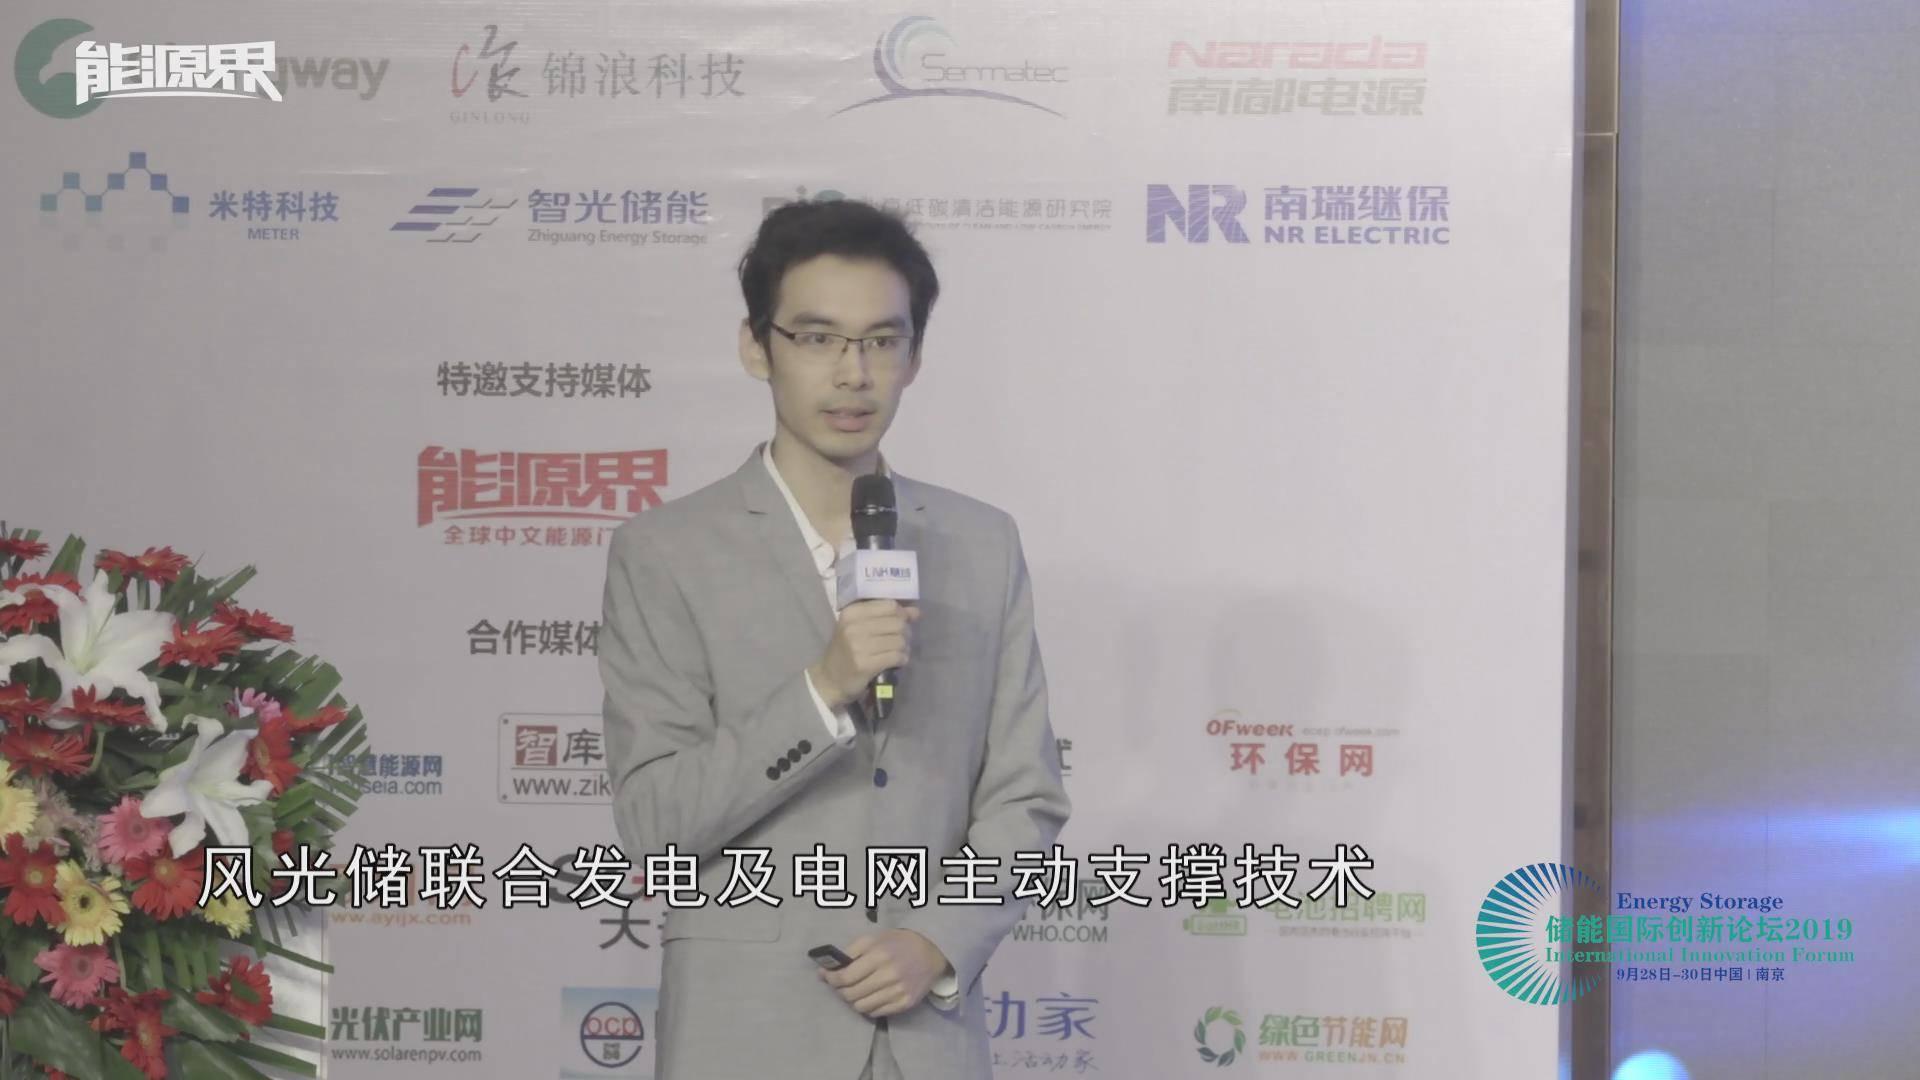 刘辉/孙大卫:风光储联合发电及电网主动支撑技术